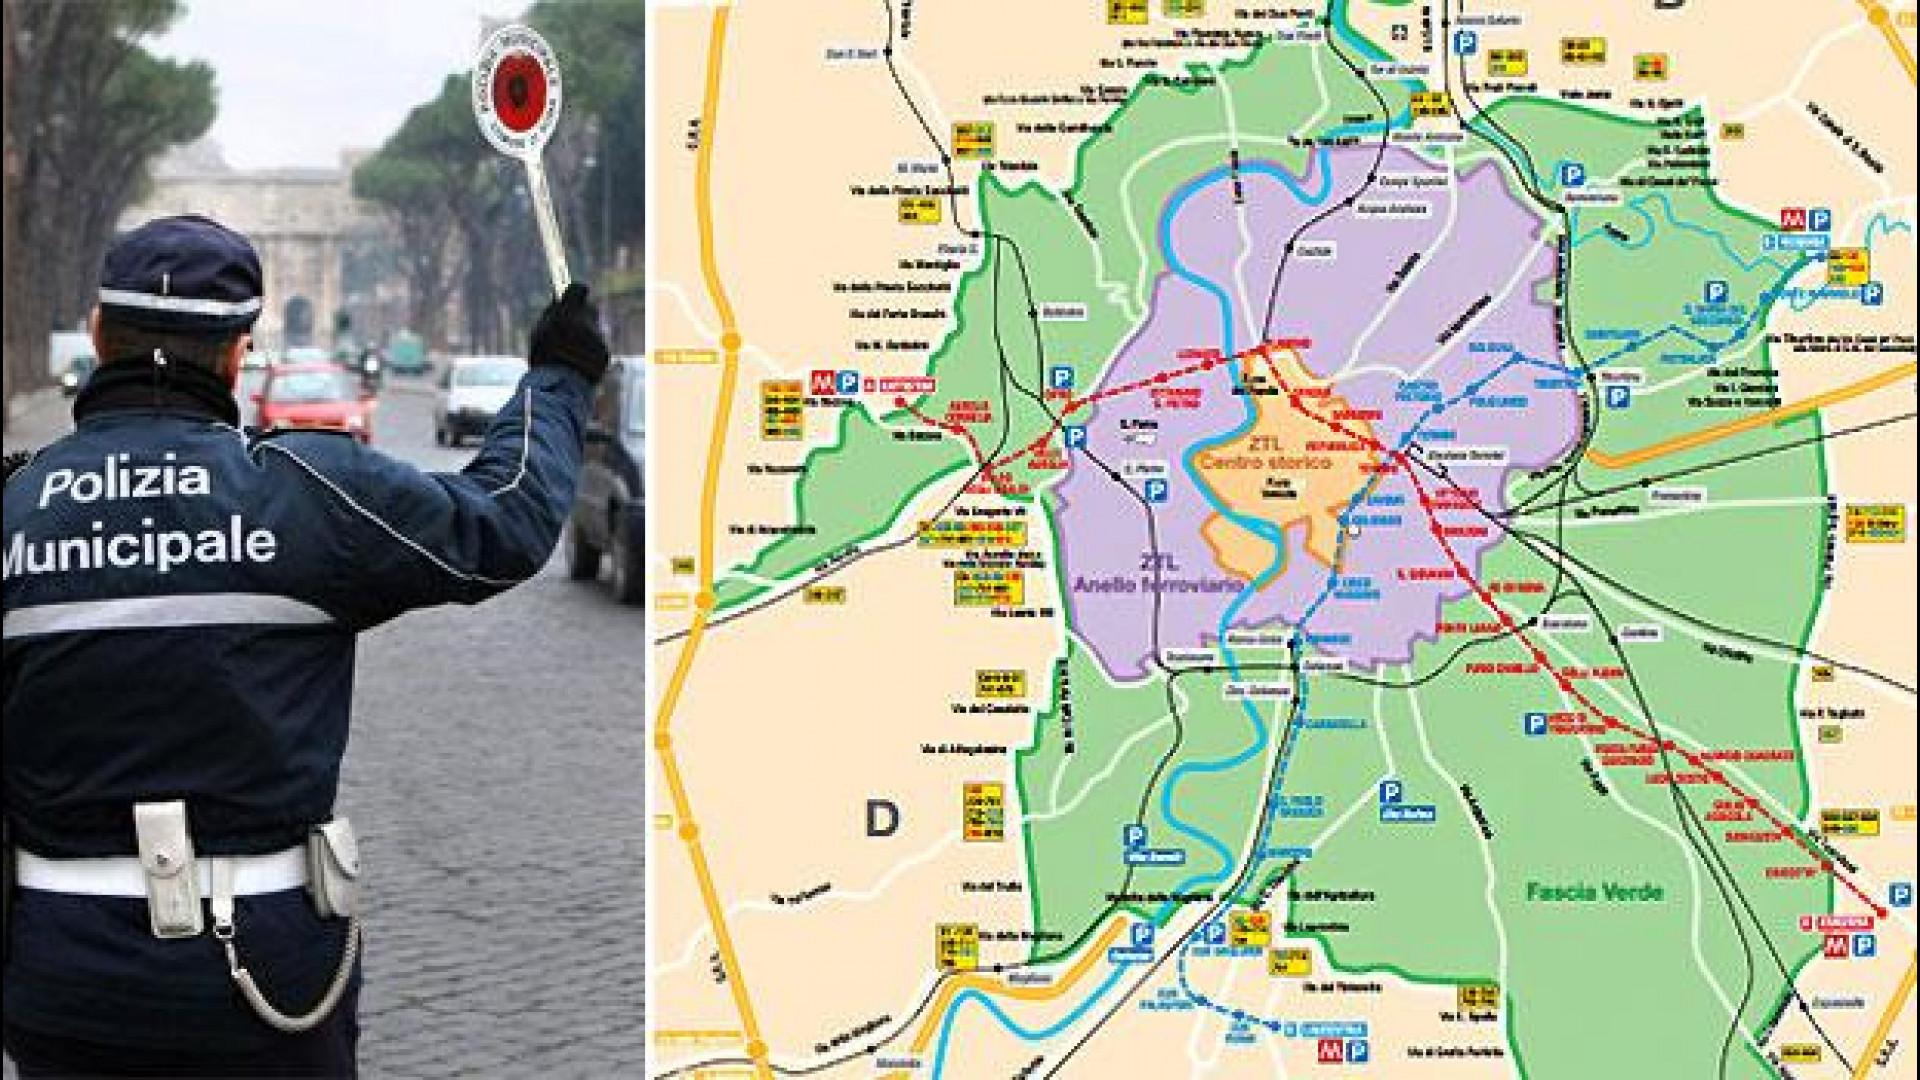 Cartina Della Fascia Verde A Roma.Roma Targhe Alterne Il 17 E 18 Dicembre